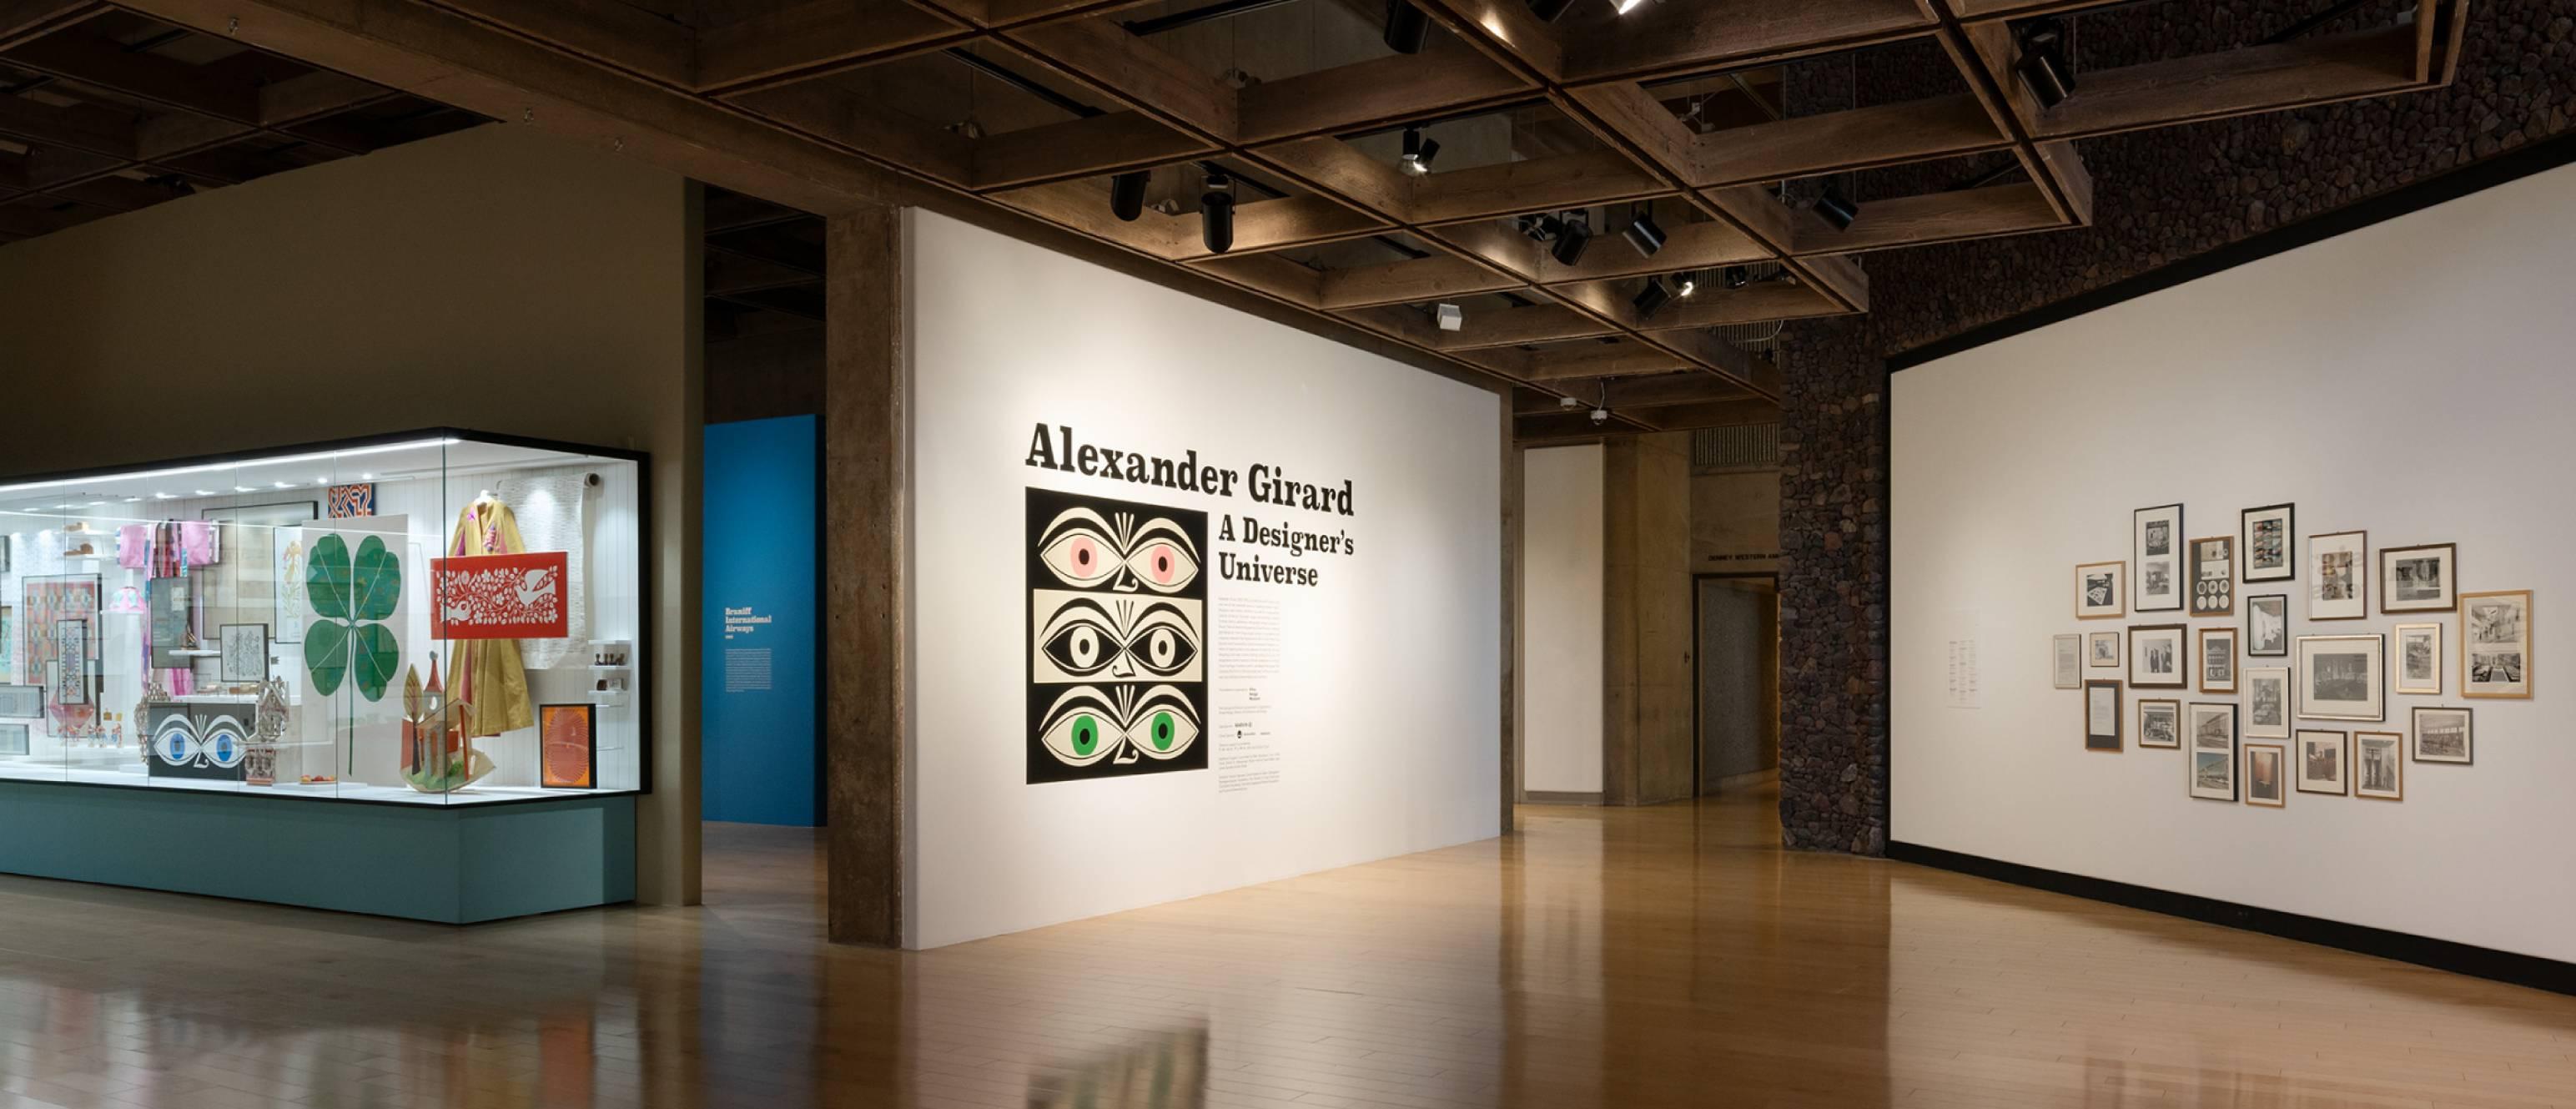 Alexander Girard exhibition entrance